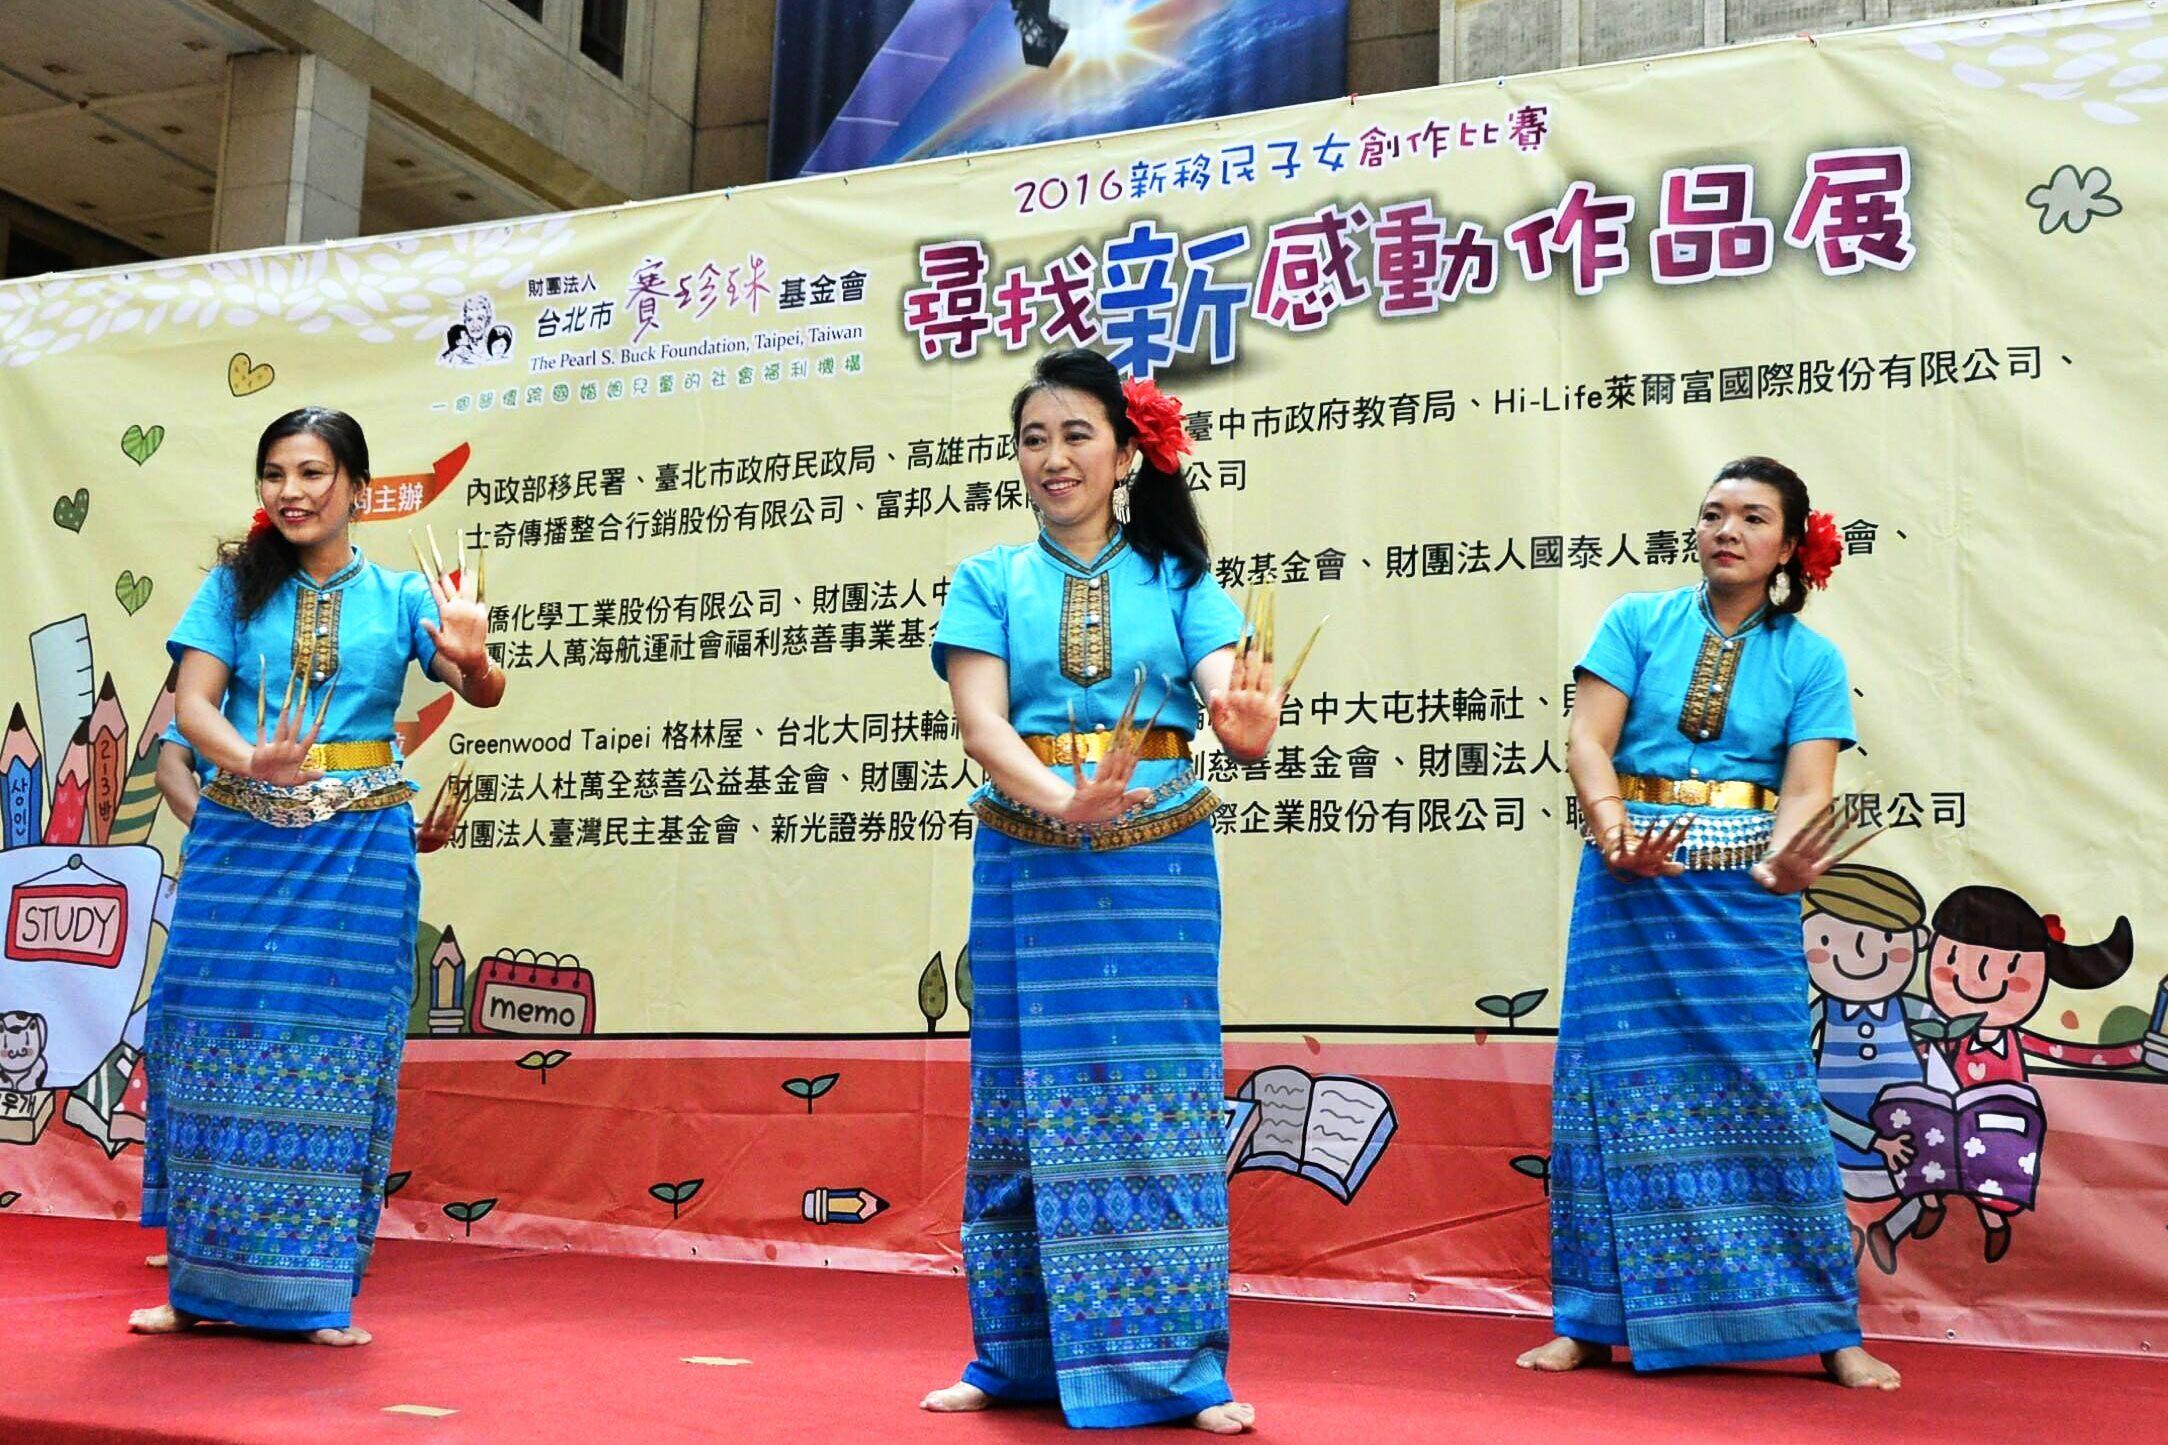 泰友印越舞蹈社 尋找新感動作品展